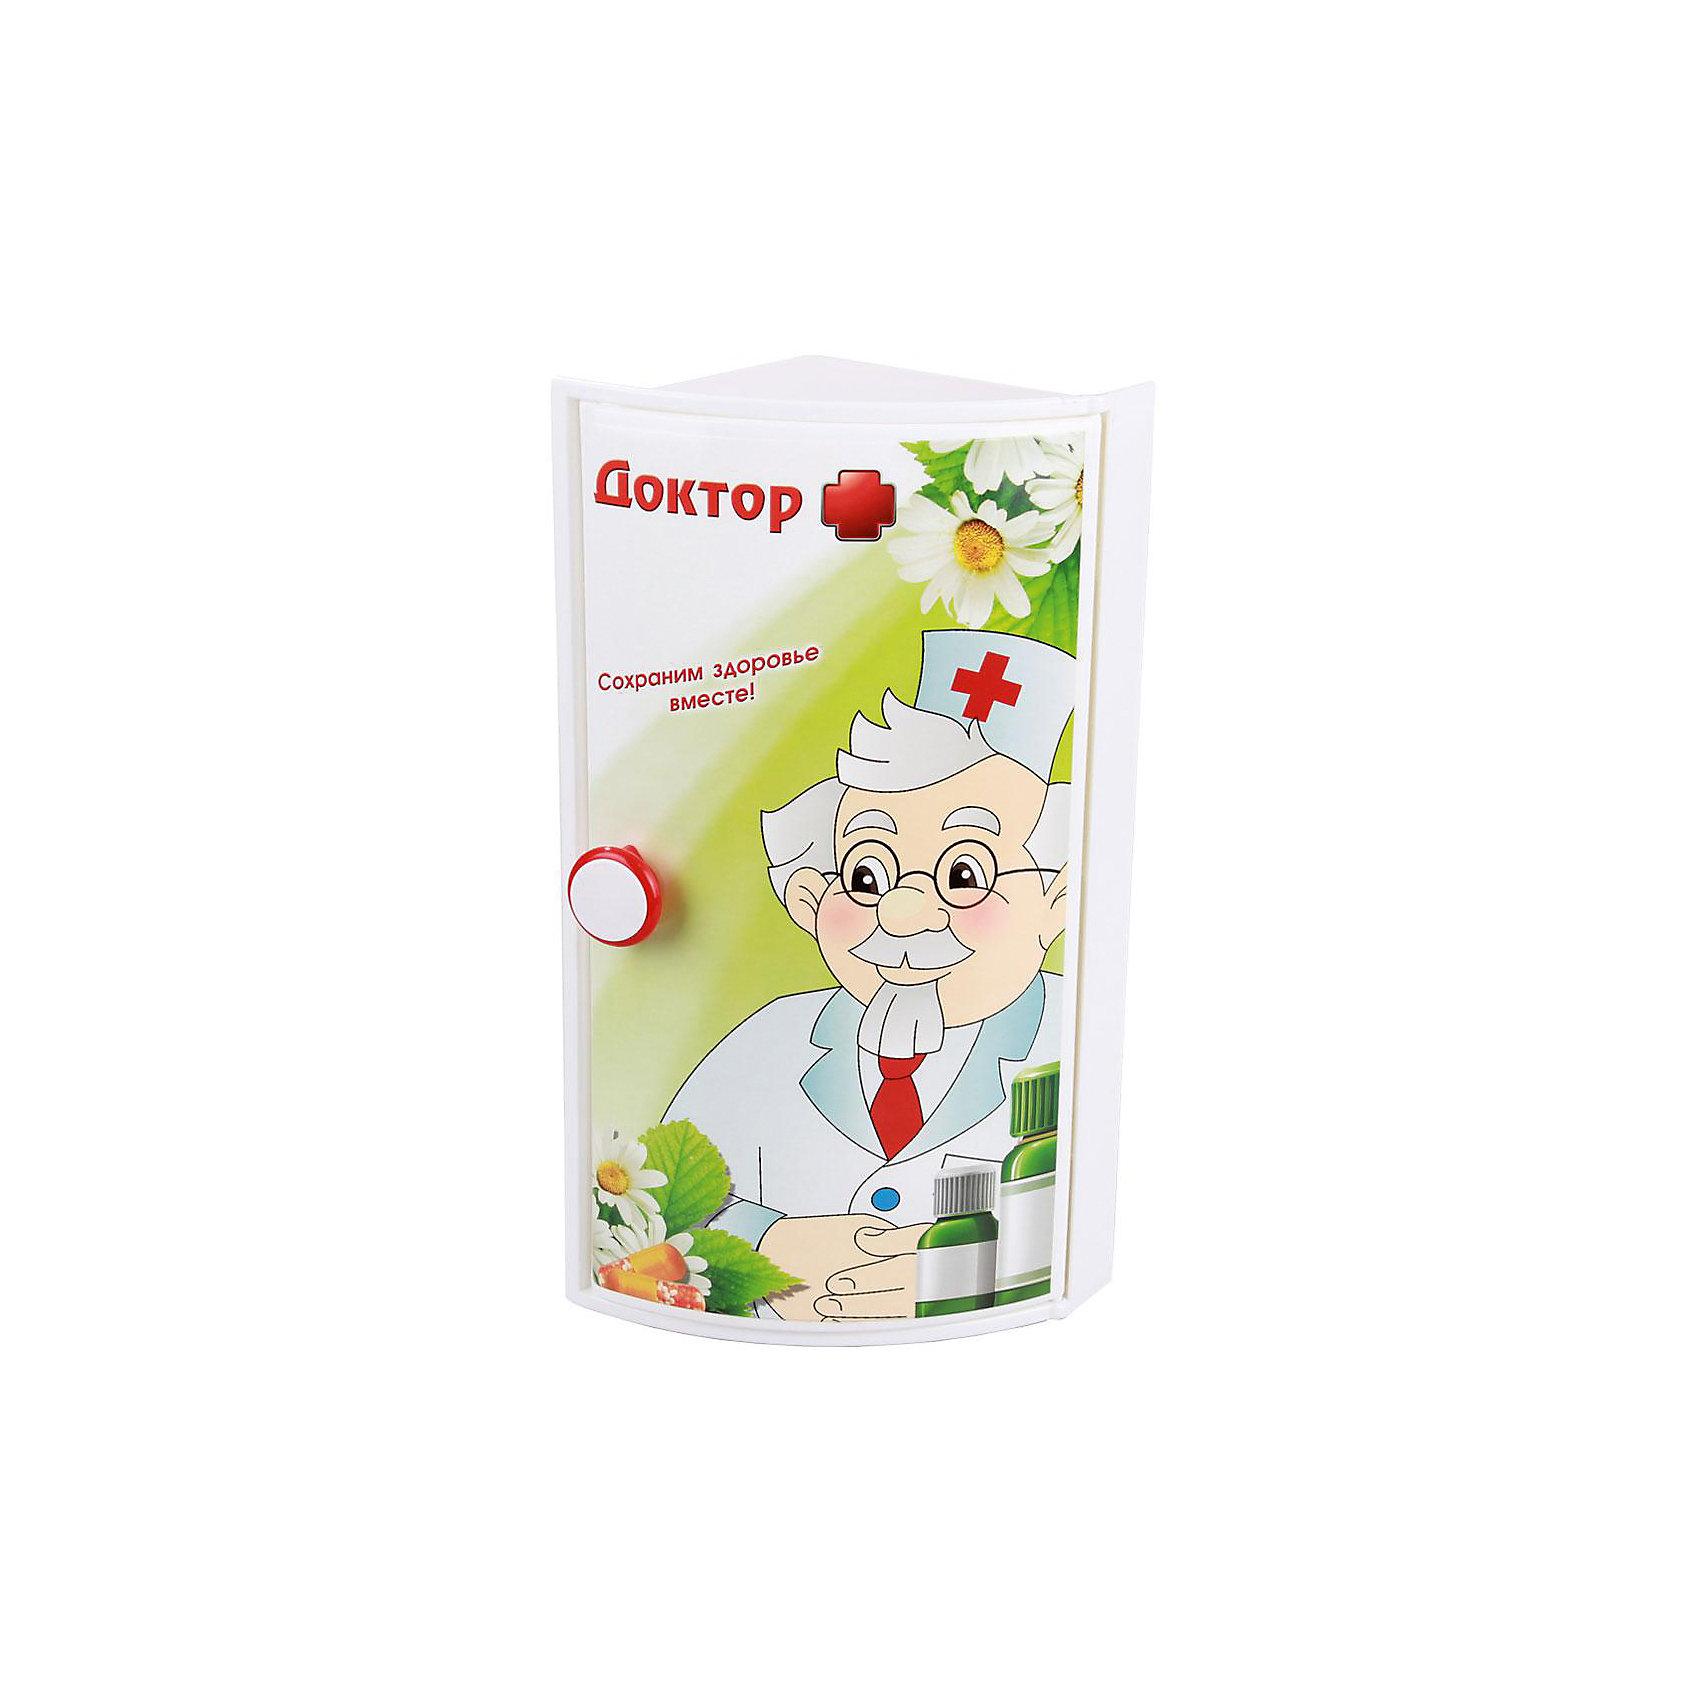 Полка для ванной  Доктор + (угловой), AlternativaТовары для купания<br>Характеристики:<br><br>• Предназначение: для ванной<br>• Материал: пластик<br>• Цвет: красный, белый, зеленый<br>• Размер (Д*Ш*В): 16,5*17,5*38,5 см<br>• Форма: прямоугольный<br>• Наличие 3-х полок и дверц<br>• Особенности ухода: разрешается мыть теплой водой<br><br>Полка для ванной Доктор + (угловой), Alternativa изготовлена отечественным производителем ООО ЗПИ Альтернатива, который специализируется на выпуске широкого спектра изделий из пластика. Изделие выполнено из безопасного и прочного пластика, устойчивого к механическим повреждениям. Полка имеет угловую форму, 3 полки и 1 дверцу, которая оформлена ярким рисунком медицинской тематики. Полка для ванной Доктор + (угловой), Alternativa может не только обеспечить порядок на кухне, но и стать ярким предметом в детской комнате. <br><br>Полку для ванной Доктор + (угловой), Alternativa можно купить в нашем интернет-магазине.<br><br>Ширина мм: 380<br>Глубина мм: 170<br>Высота мм: 160<br>Вес г: 783<br>Возраст от месяцев: 6<br>Возраст до месяцев: 588<br>Пол: Унисекс<br>Возраст: Детский<br>SKU: 5096668